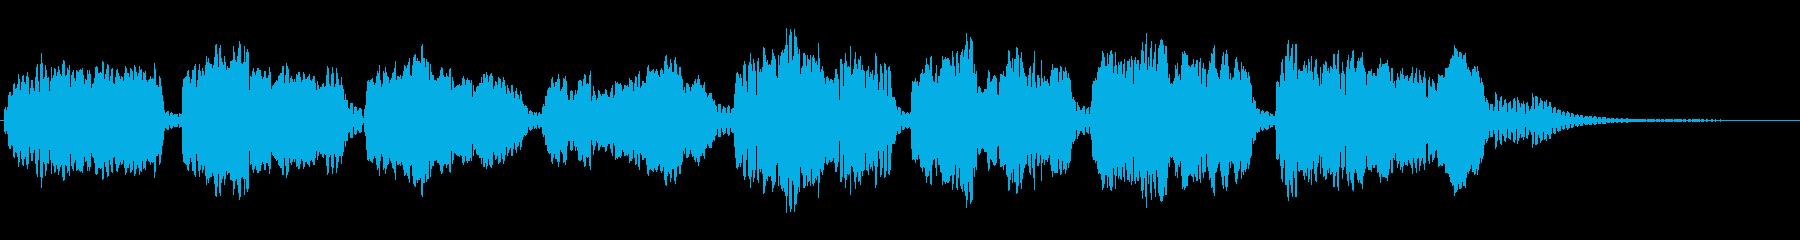 唱歌「たなばたさま」をフルートでの再生済みの波形